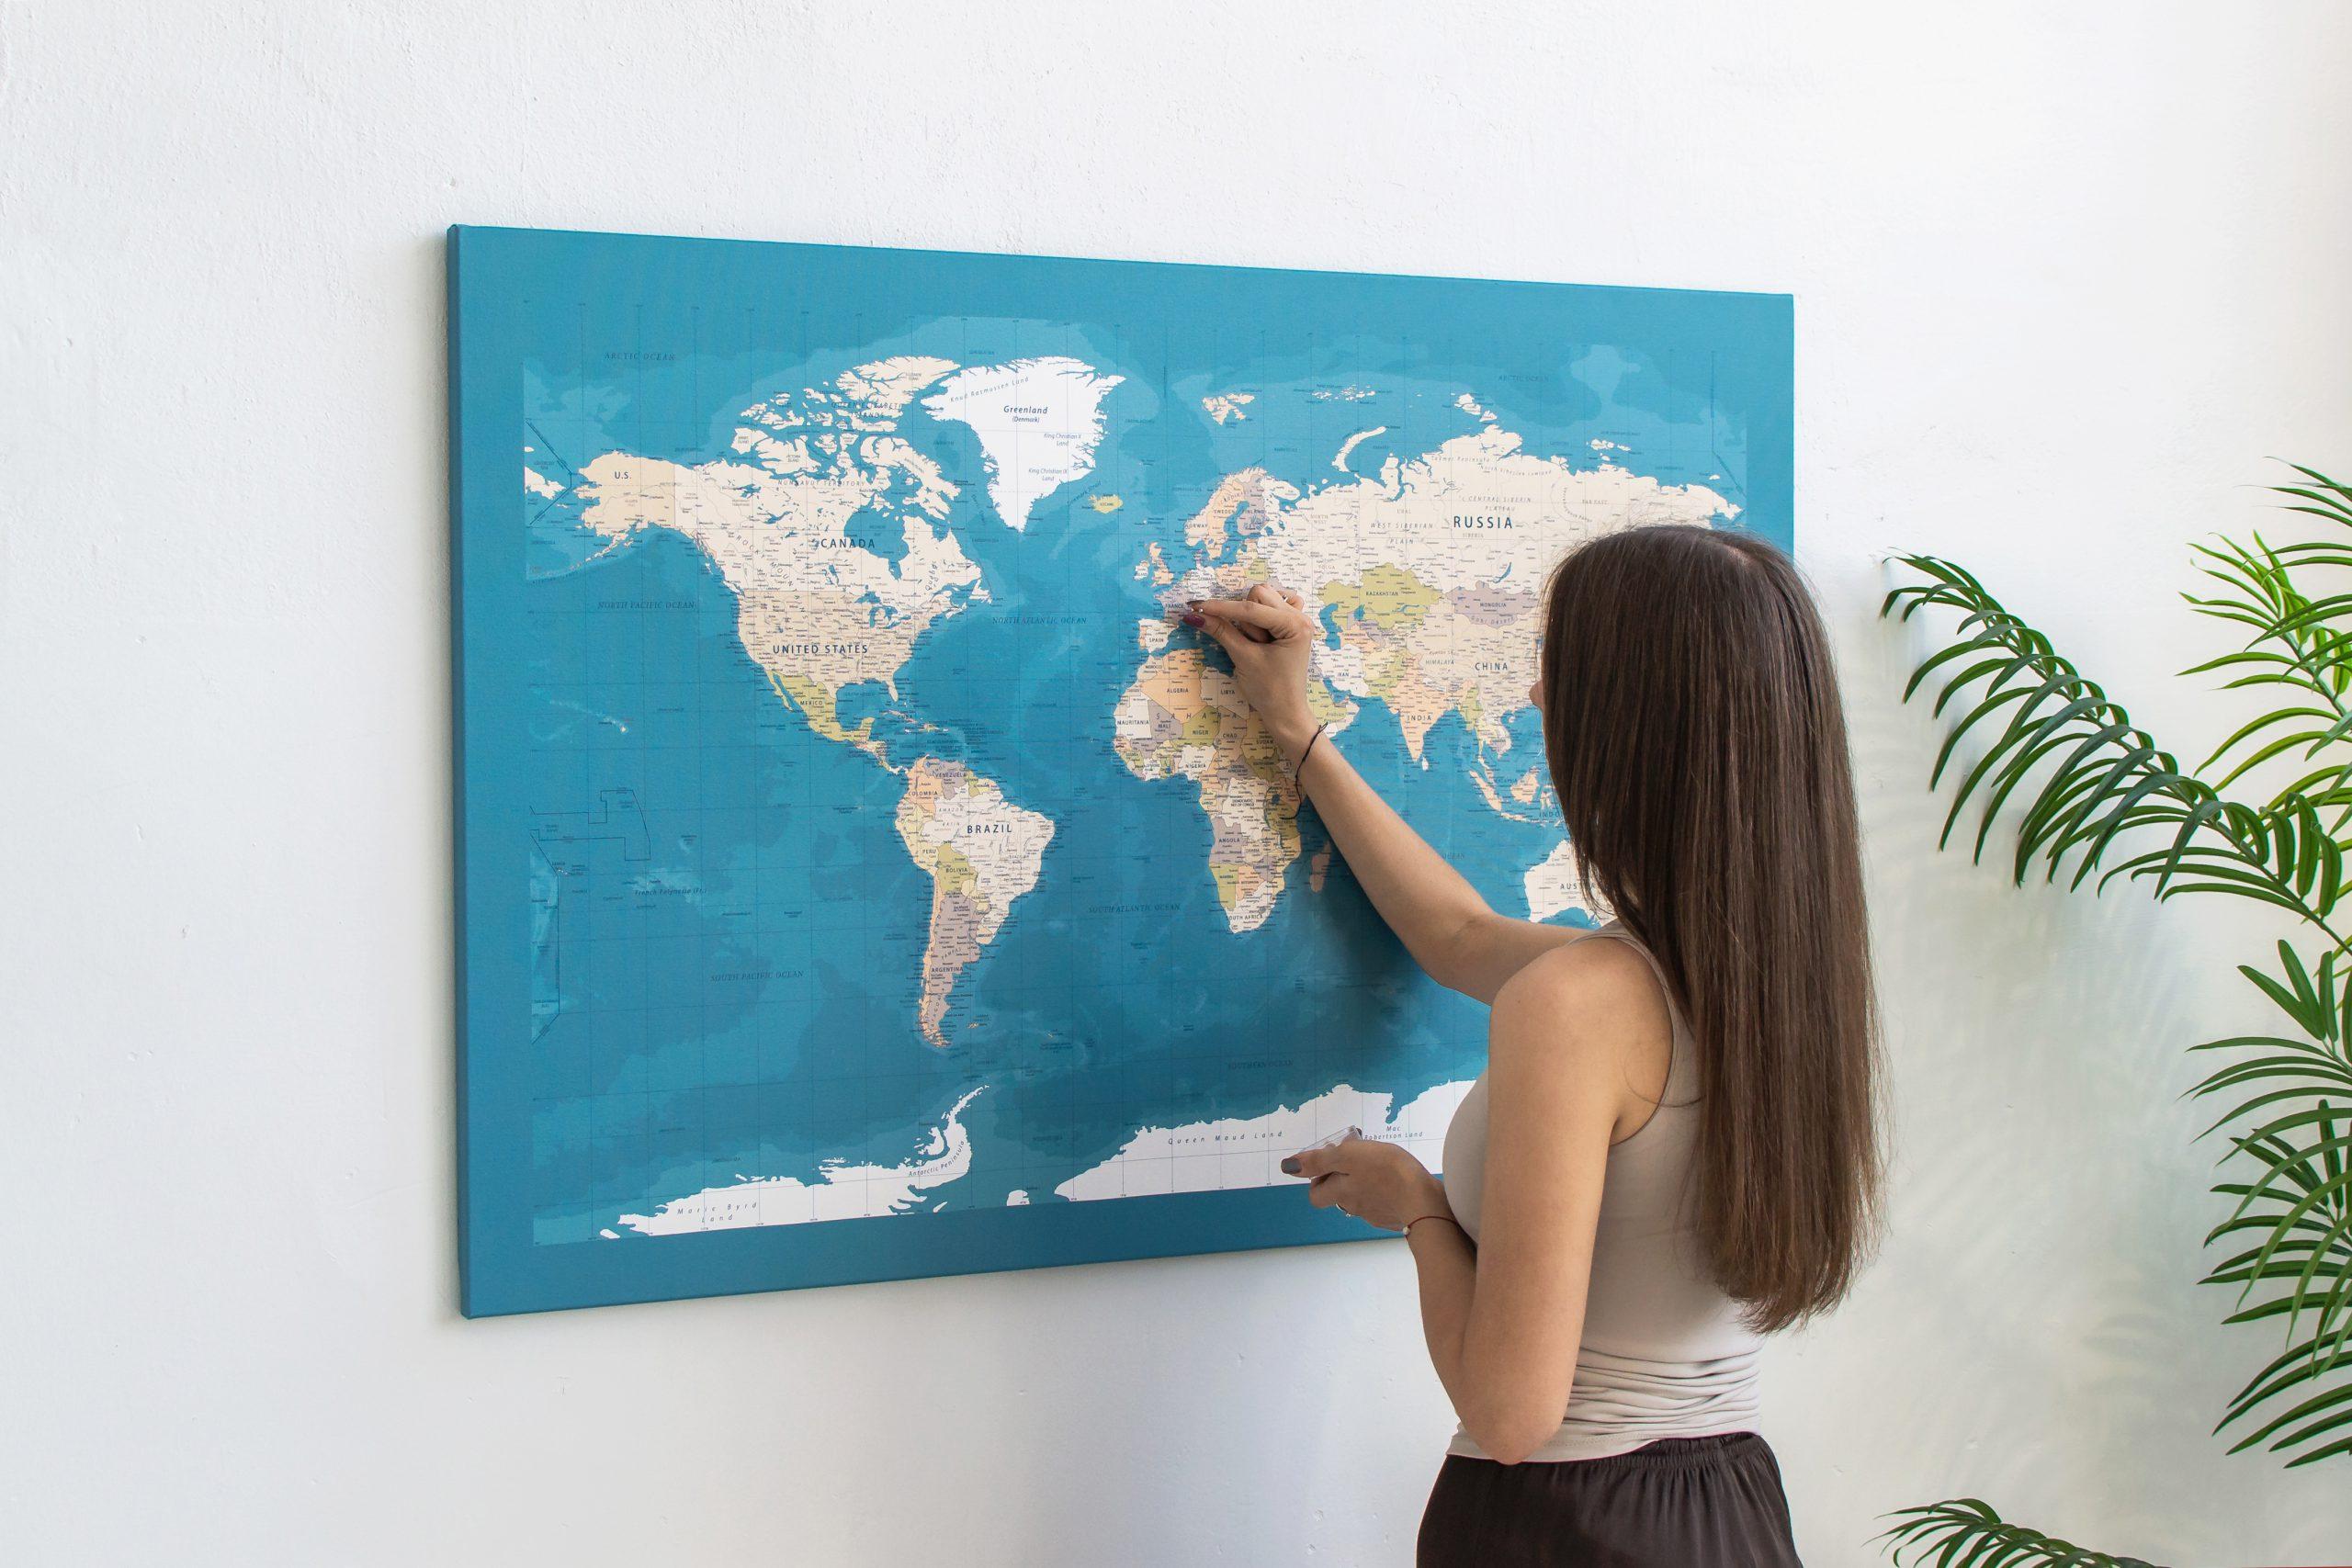 Mėlynas, detalus pasaulio žemėlapis iš toli